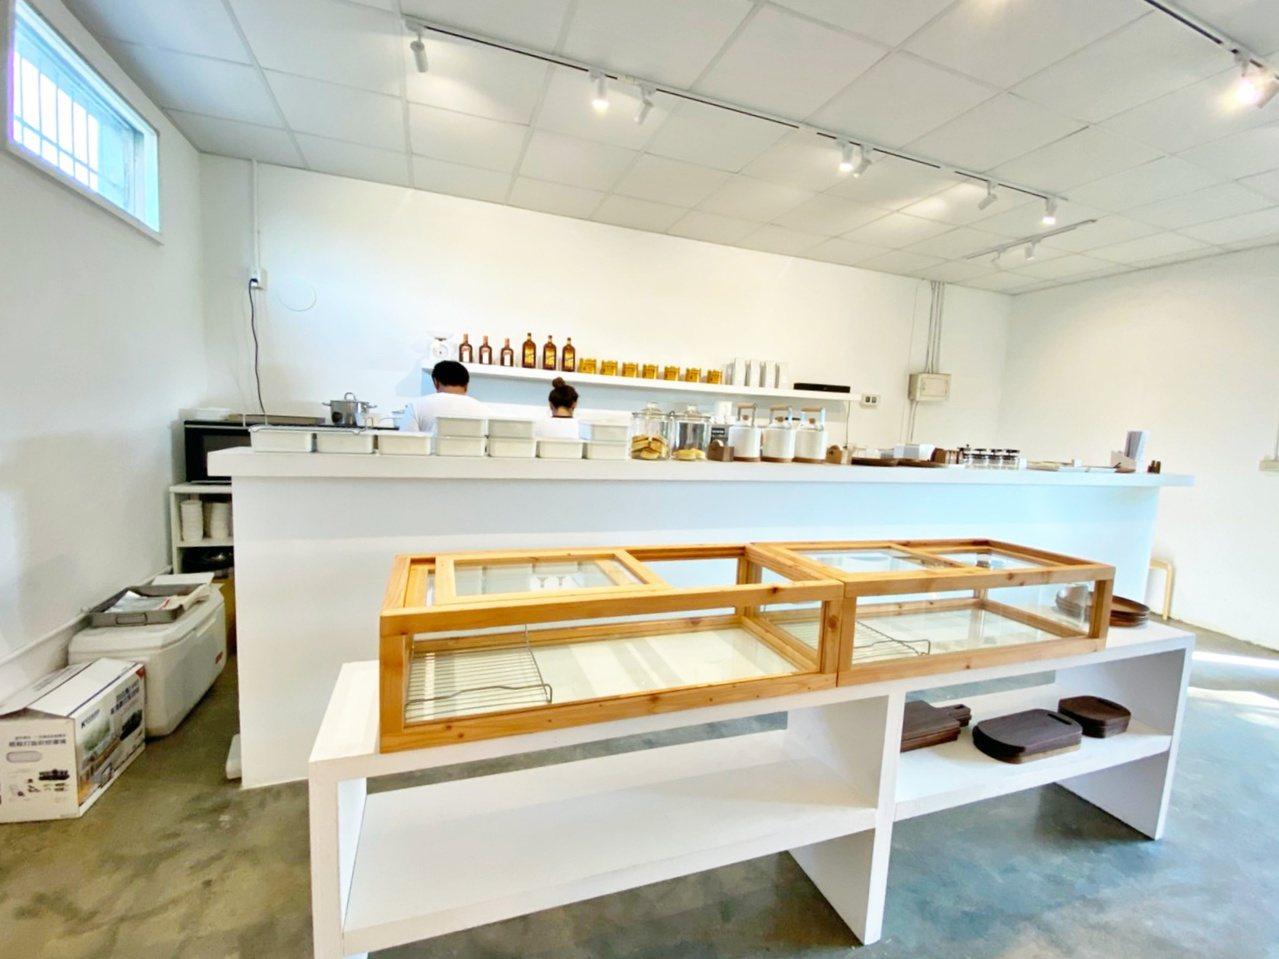 仔細一看會發現有許多老闆自造的木製道具或小物。記者魏妤庭/攝影